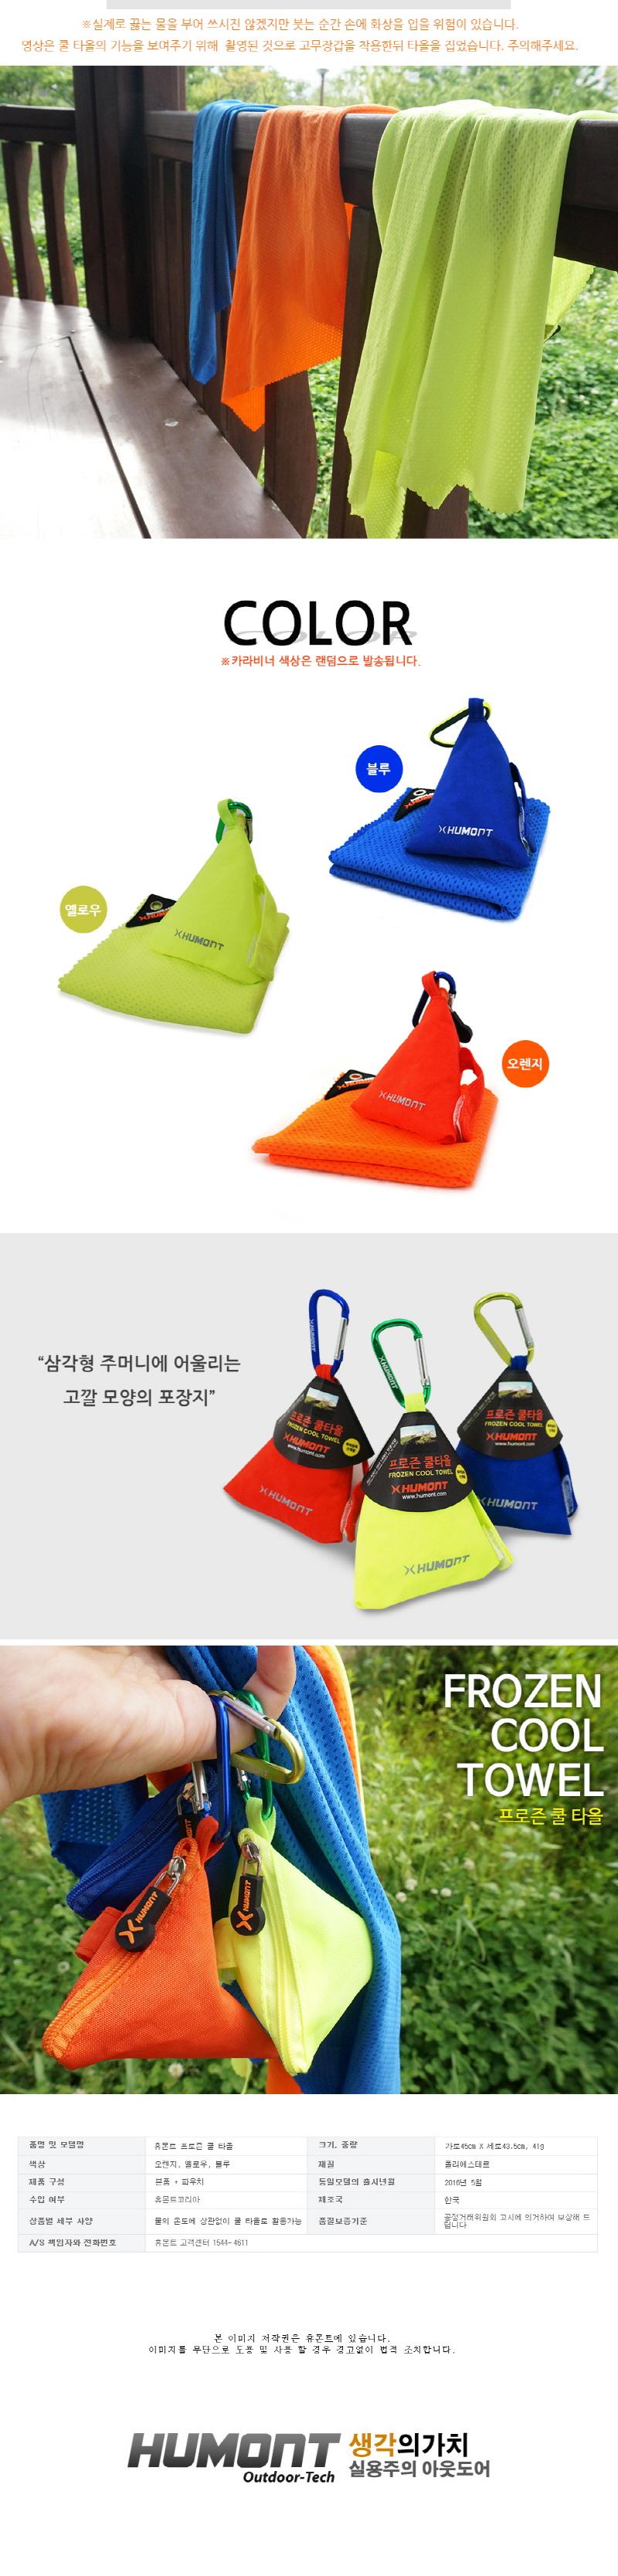 [휴몬트] 프로즌 쿨 타올(뜨거운 물로도 사용가능) - 아웃도어랜드몰, 5,900원, 등산용품, 등산의류/패션잡화